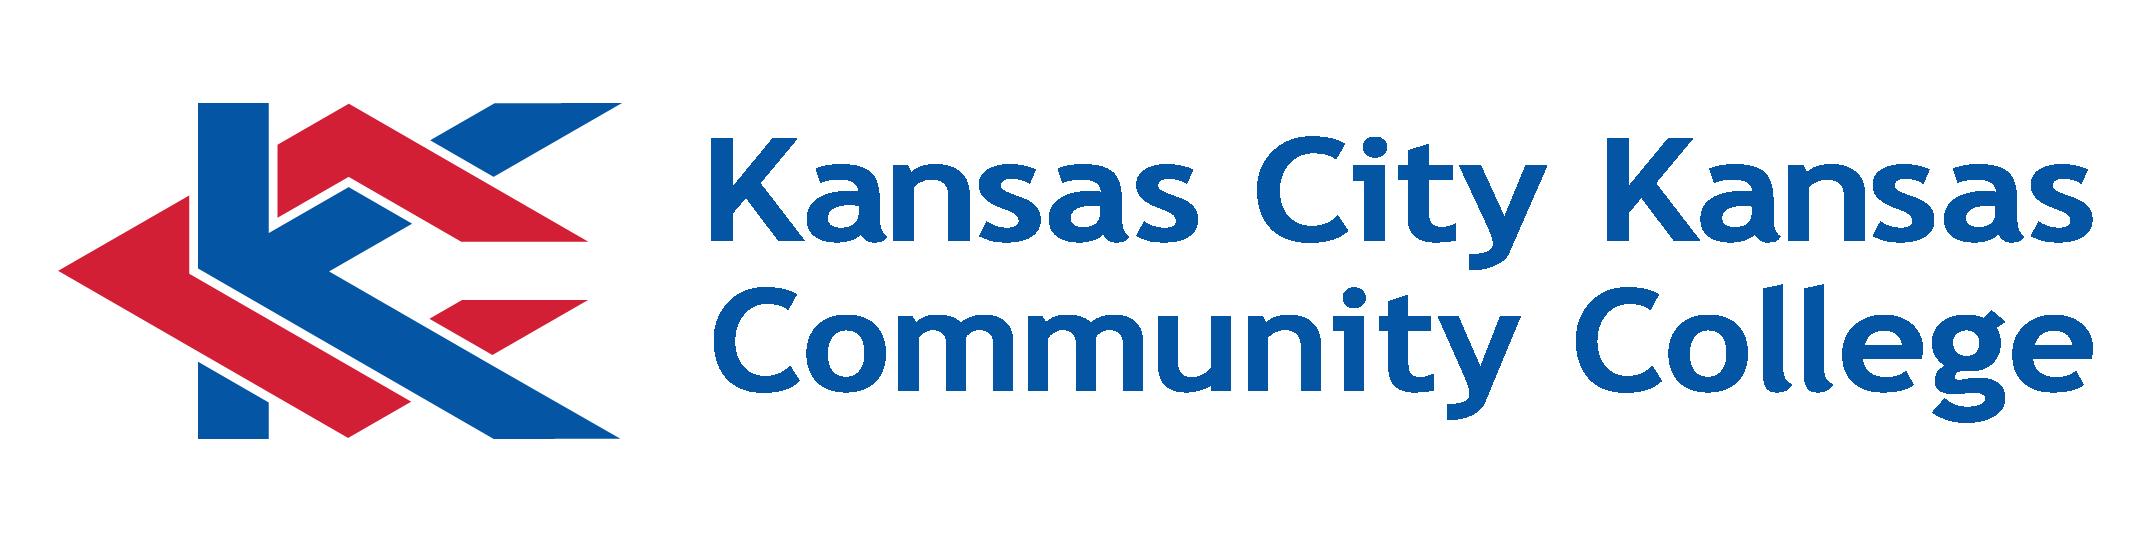 KCKCC_logo.png